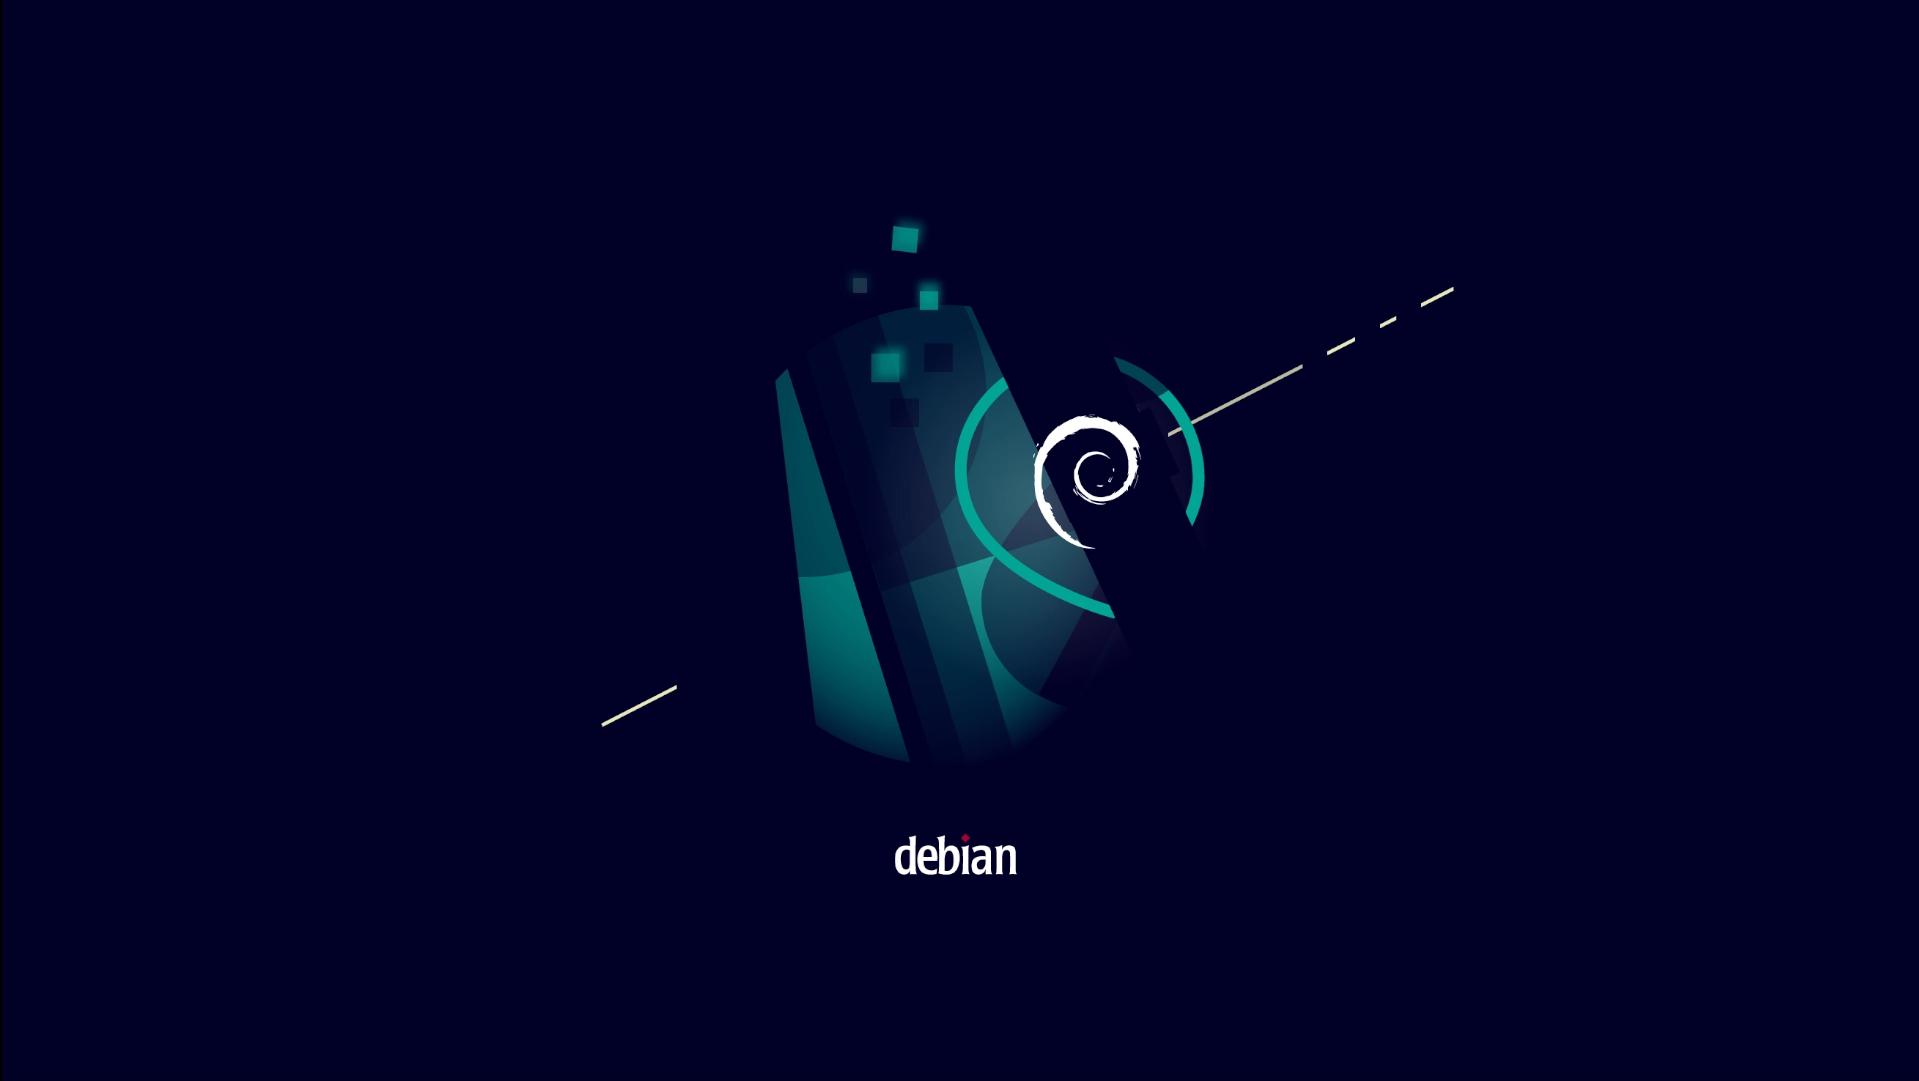 Wallpaper padrão do Debian 11 'Bullseye'